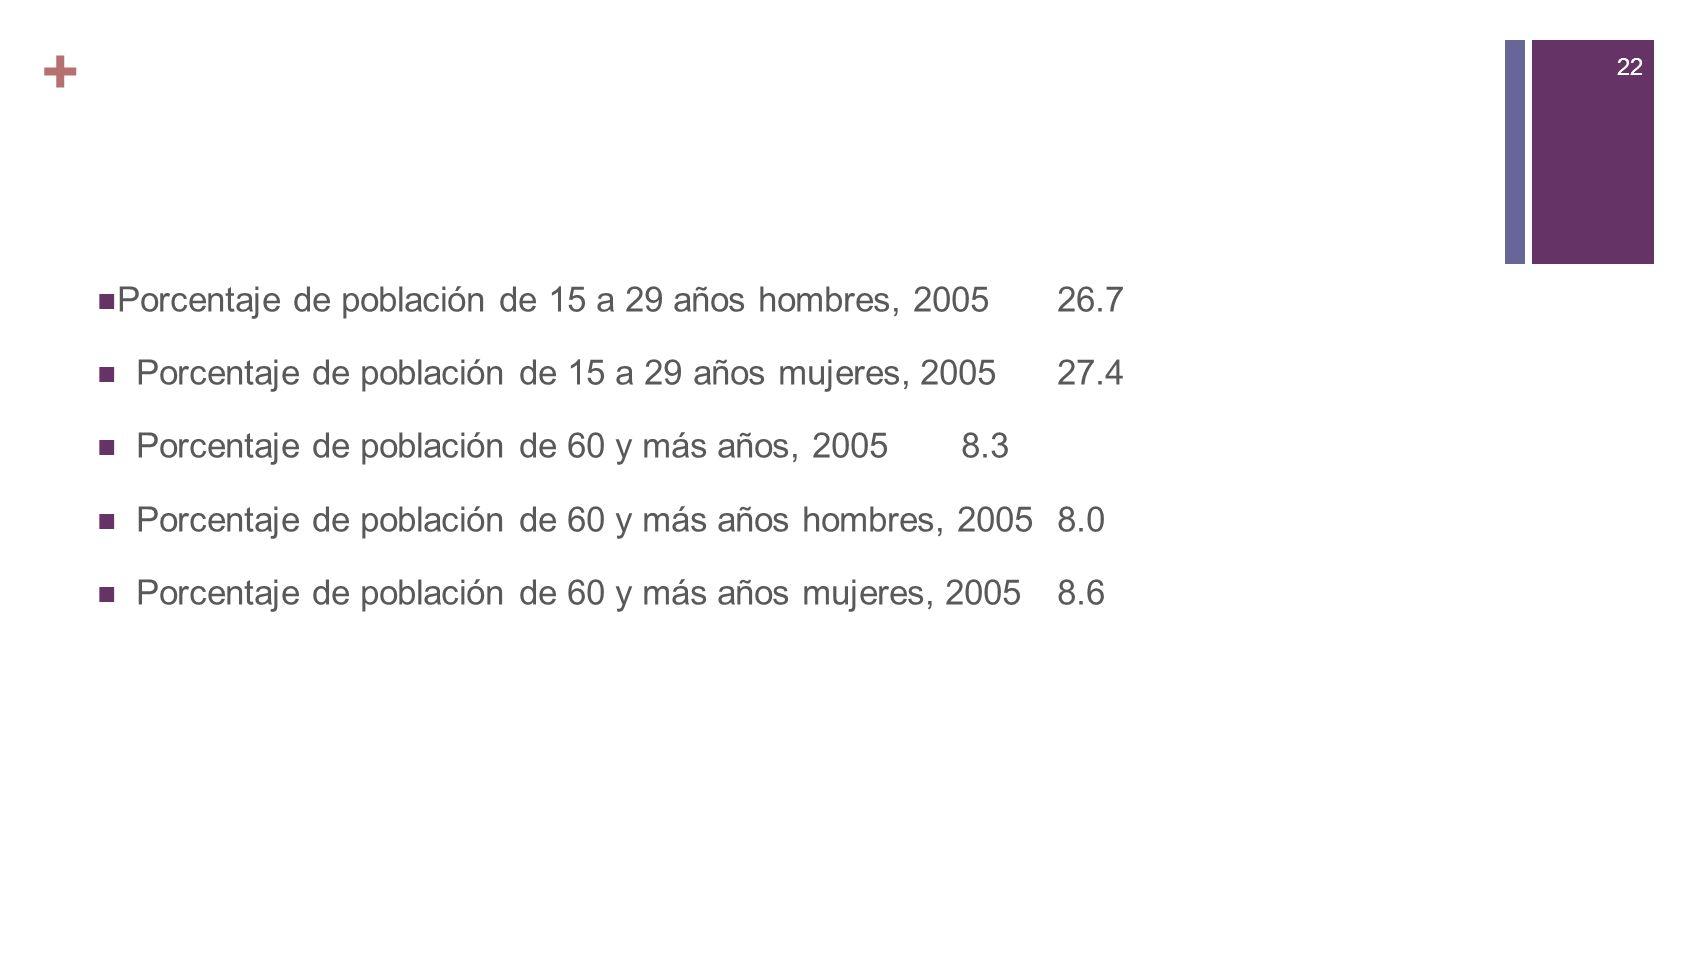 22 + Porcentaje de población de 15 a 29 años hombres, 200526.7 Porcentaje de población de 15 a 29 años mujeres, 200527.4 Porcentaje de población de 60